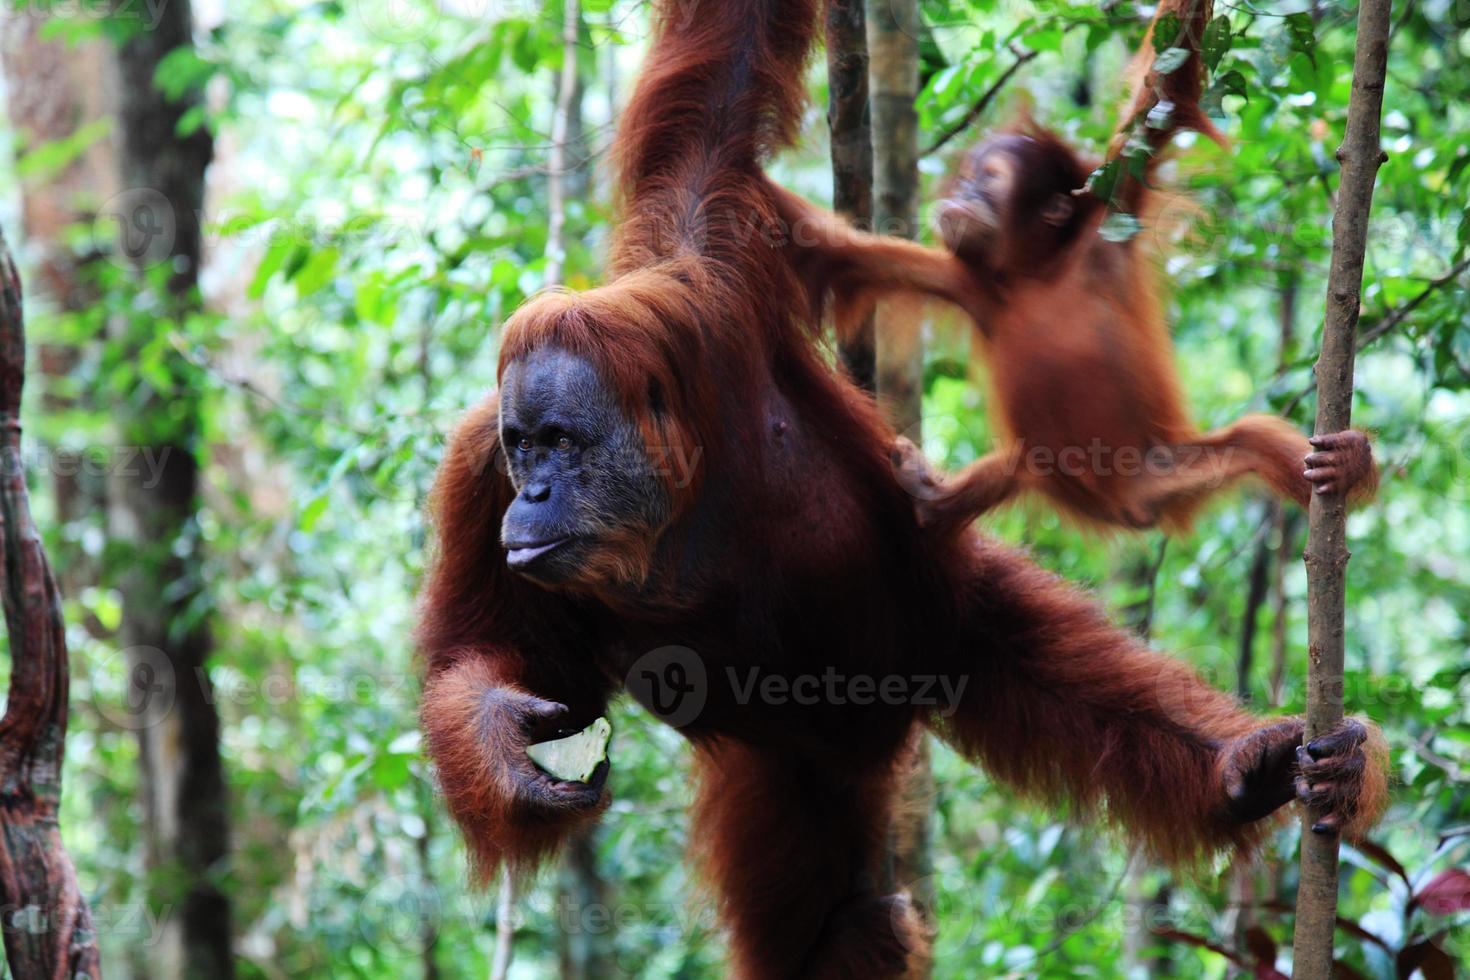 Female orangutan photo